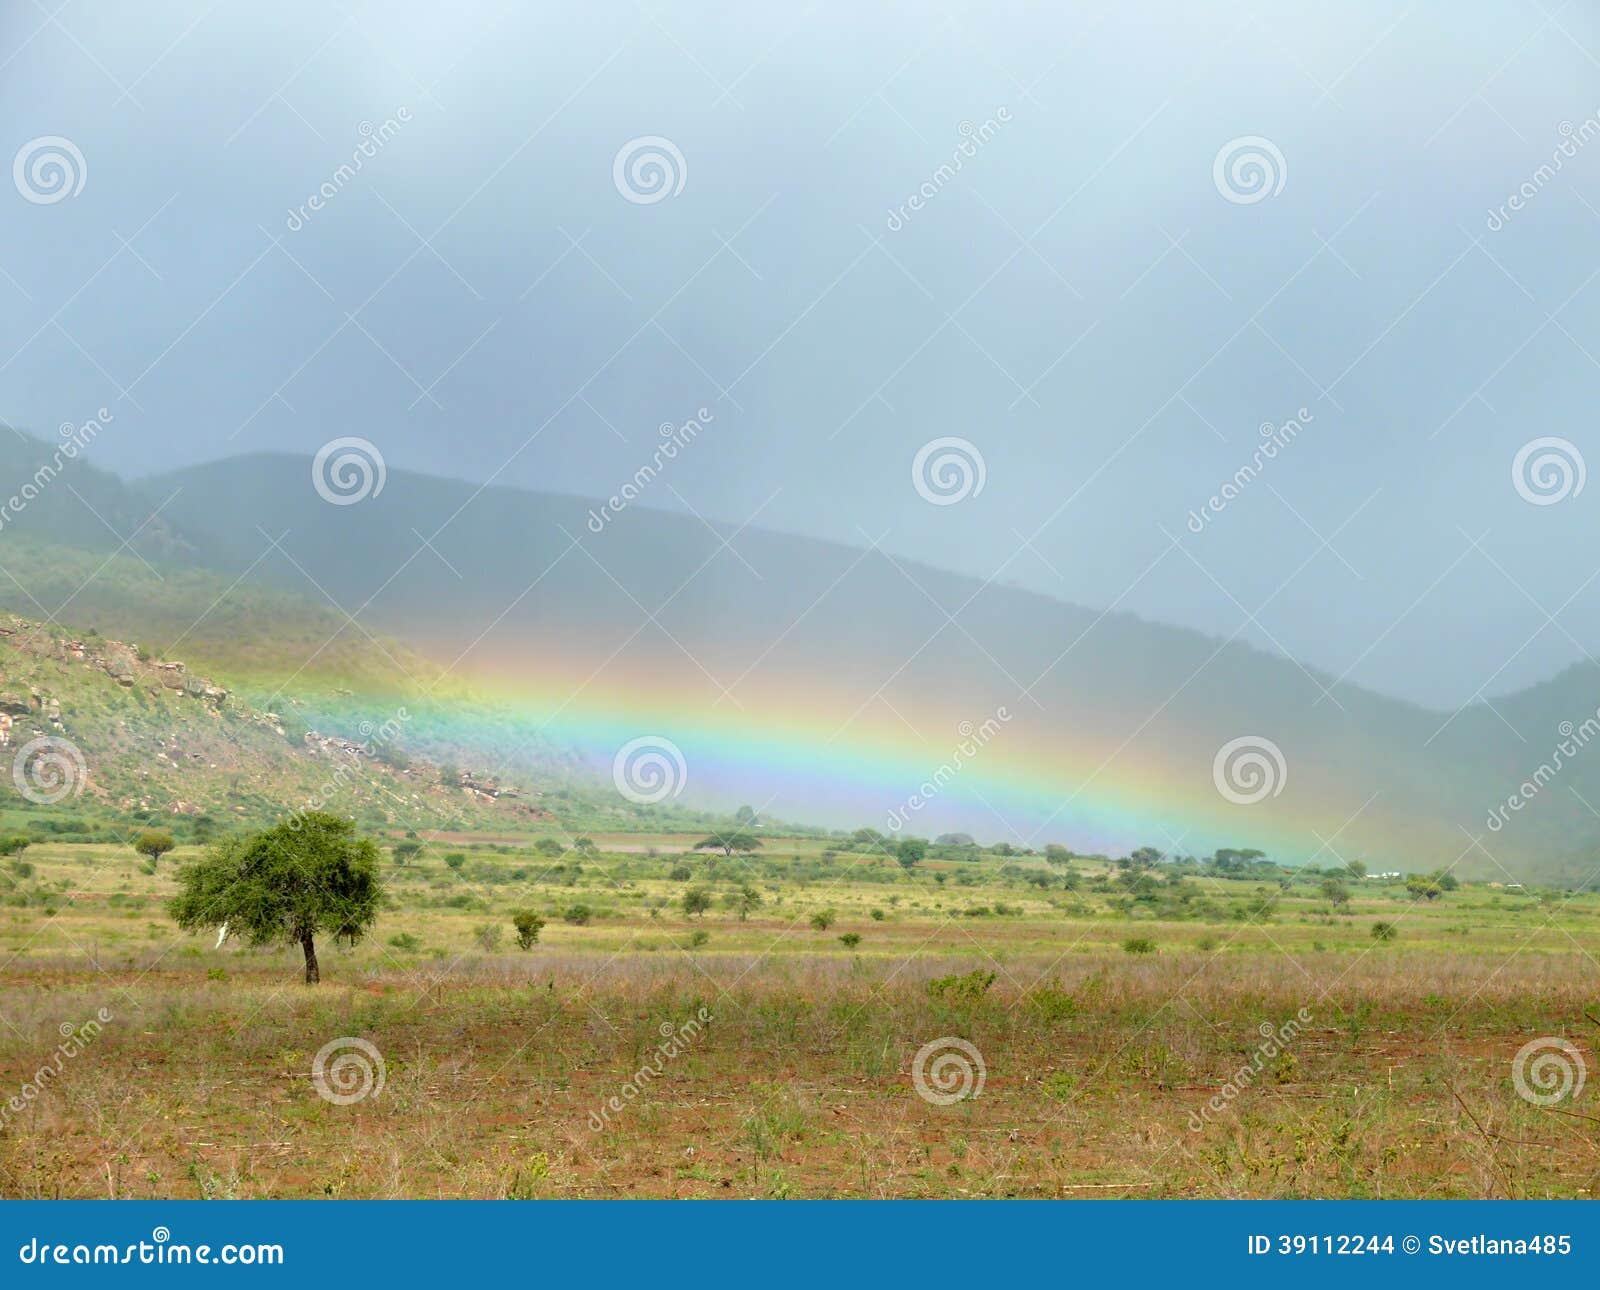 Het regenachtige seizoen. Regenboog aan de grond.